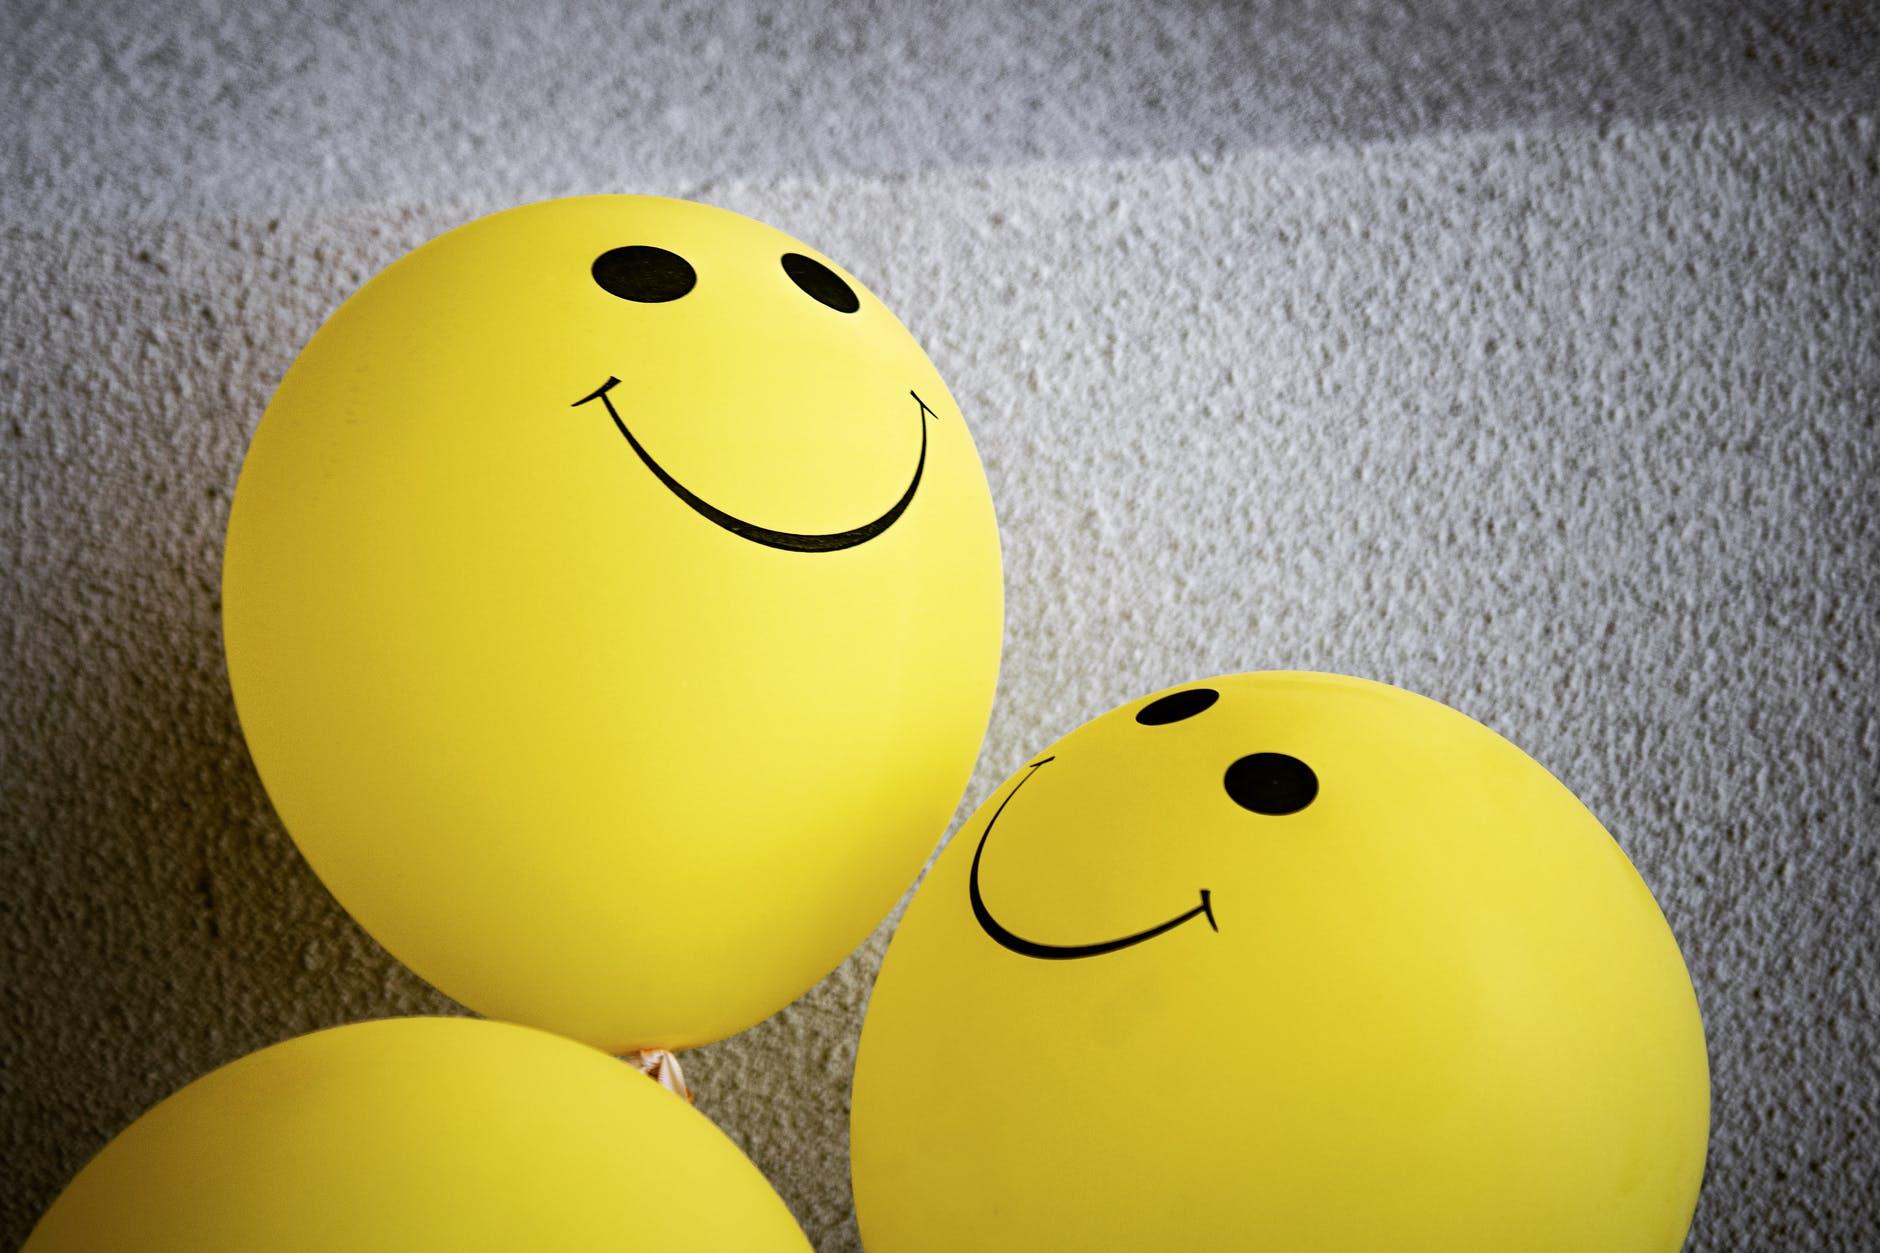 Какие маленькие радости делают счастливыми жителей Мадрида?